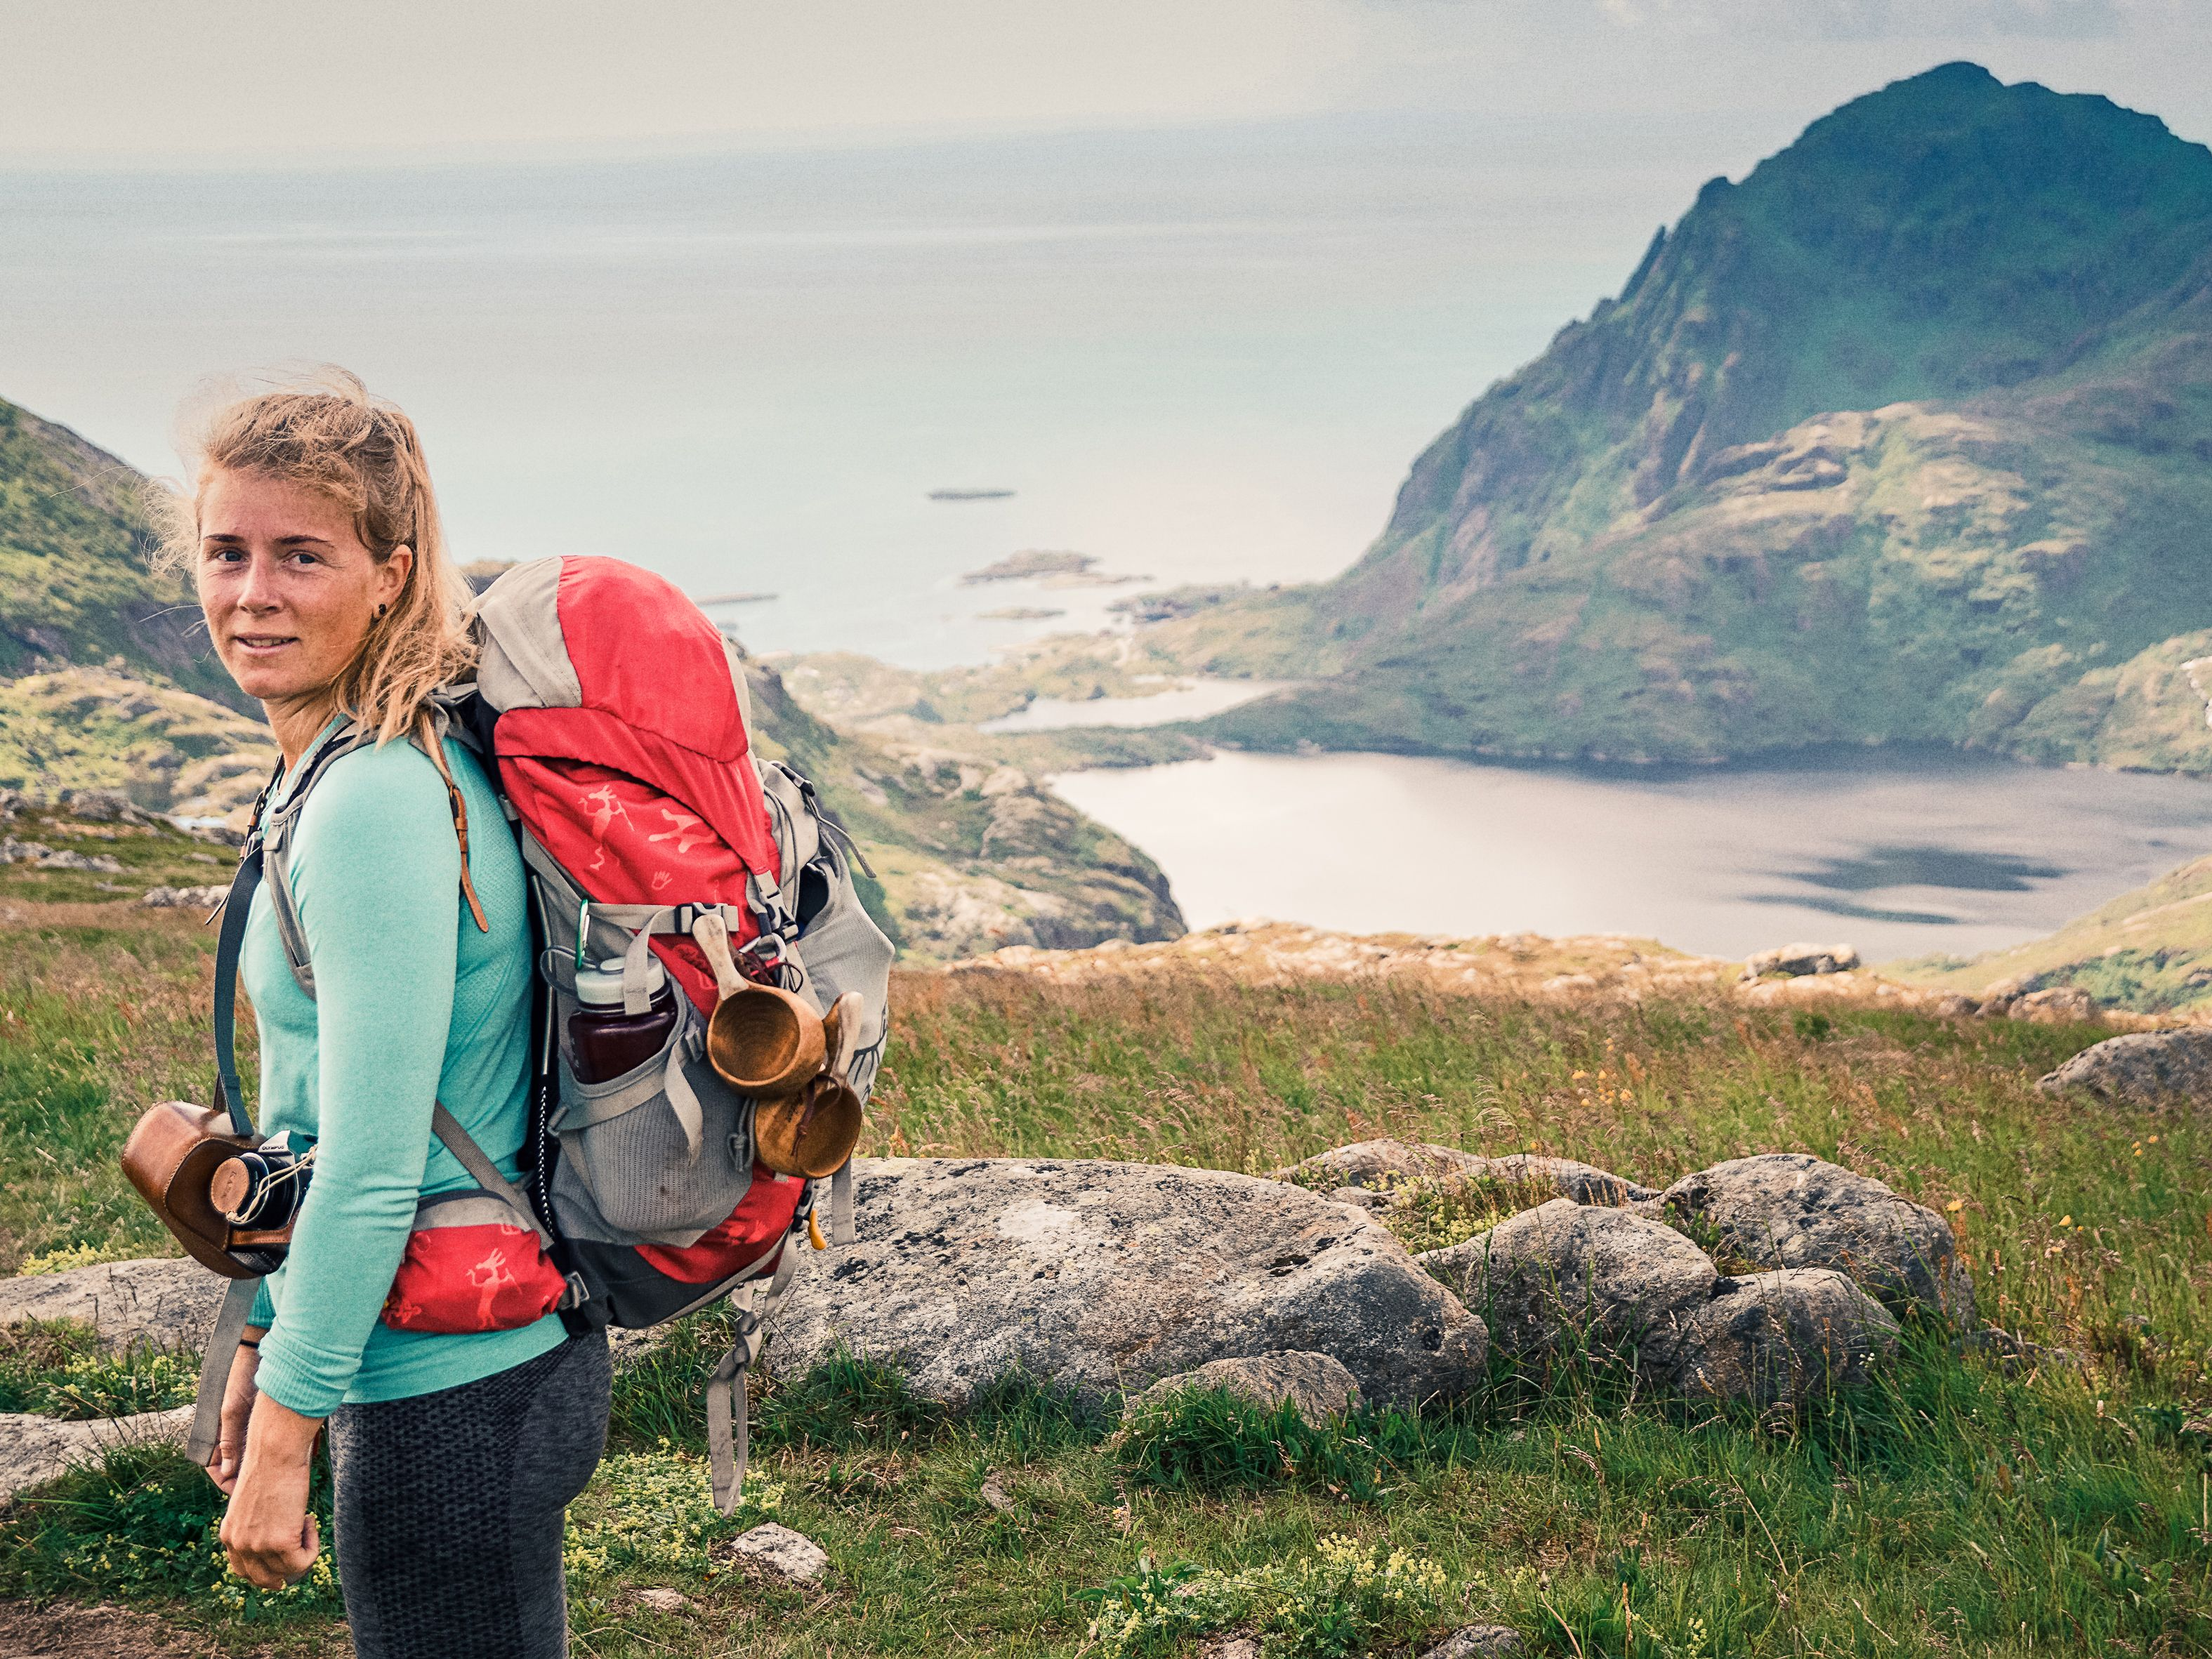 10 bästa bilderna på Gröna bandet | vandring, grön, sovsäck